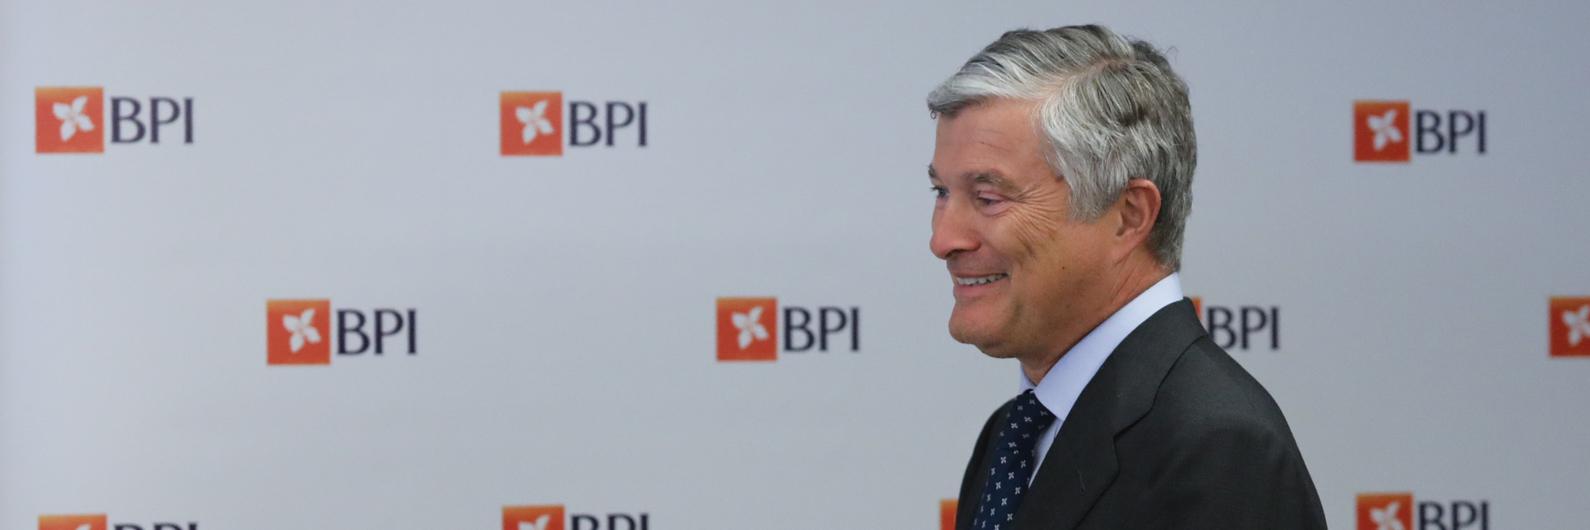 """""""Novo Banco? Não encaixava no que queríamos fazer em Portugal"""", revela presidente do BPI"""